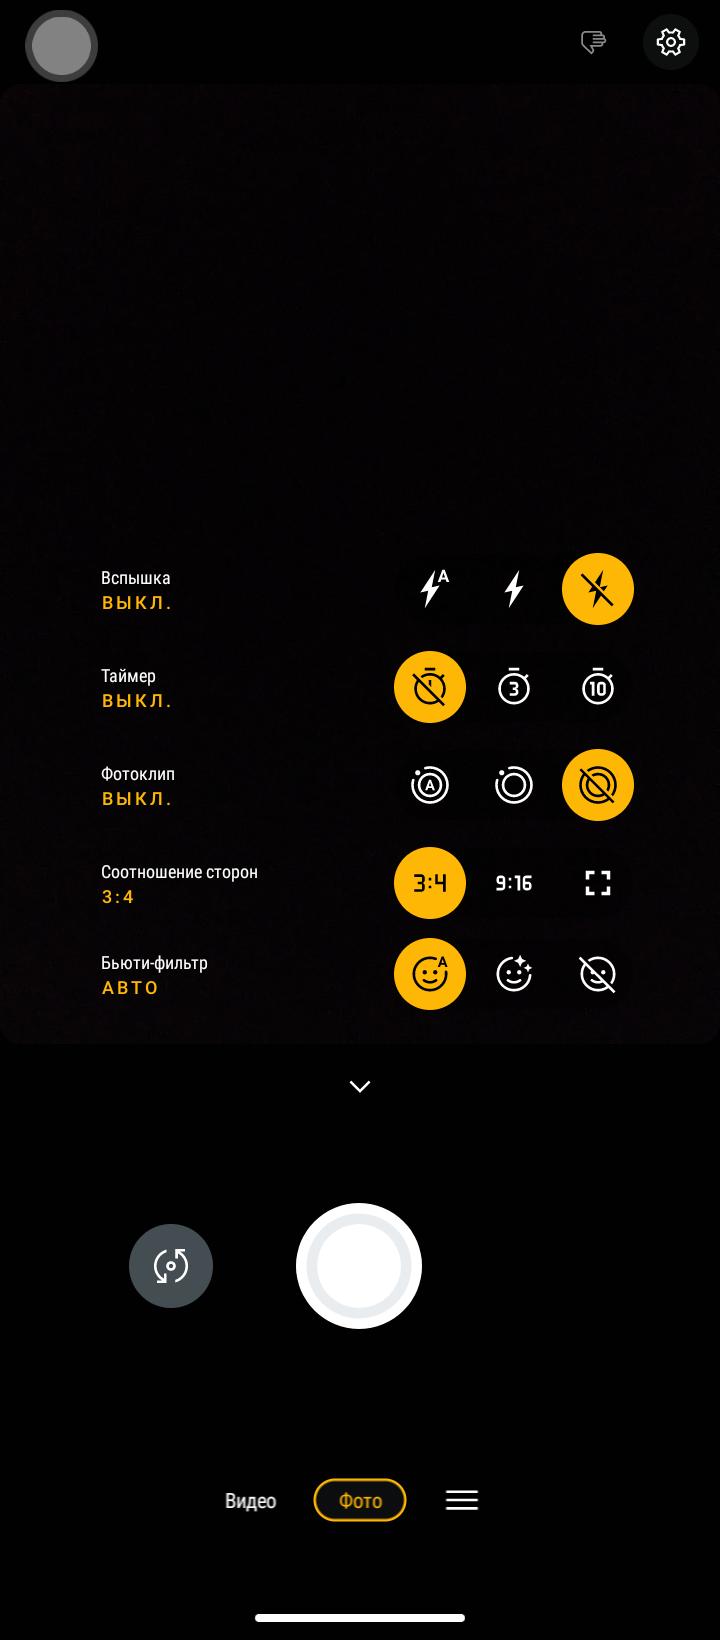 Обзор смартфона Lenovo K12 Pro: огромный дисплей и высокая автономность